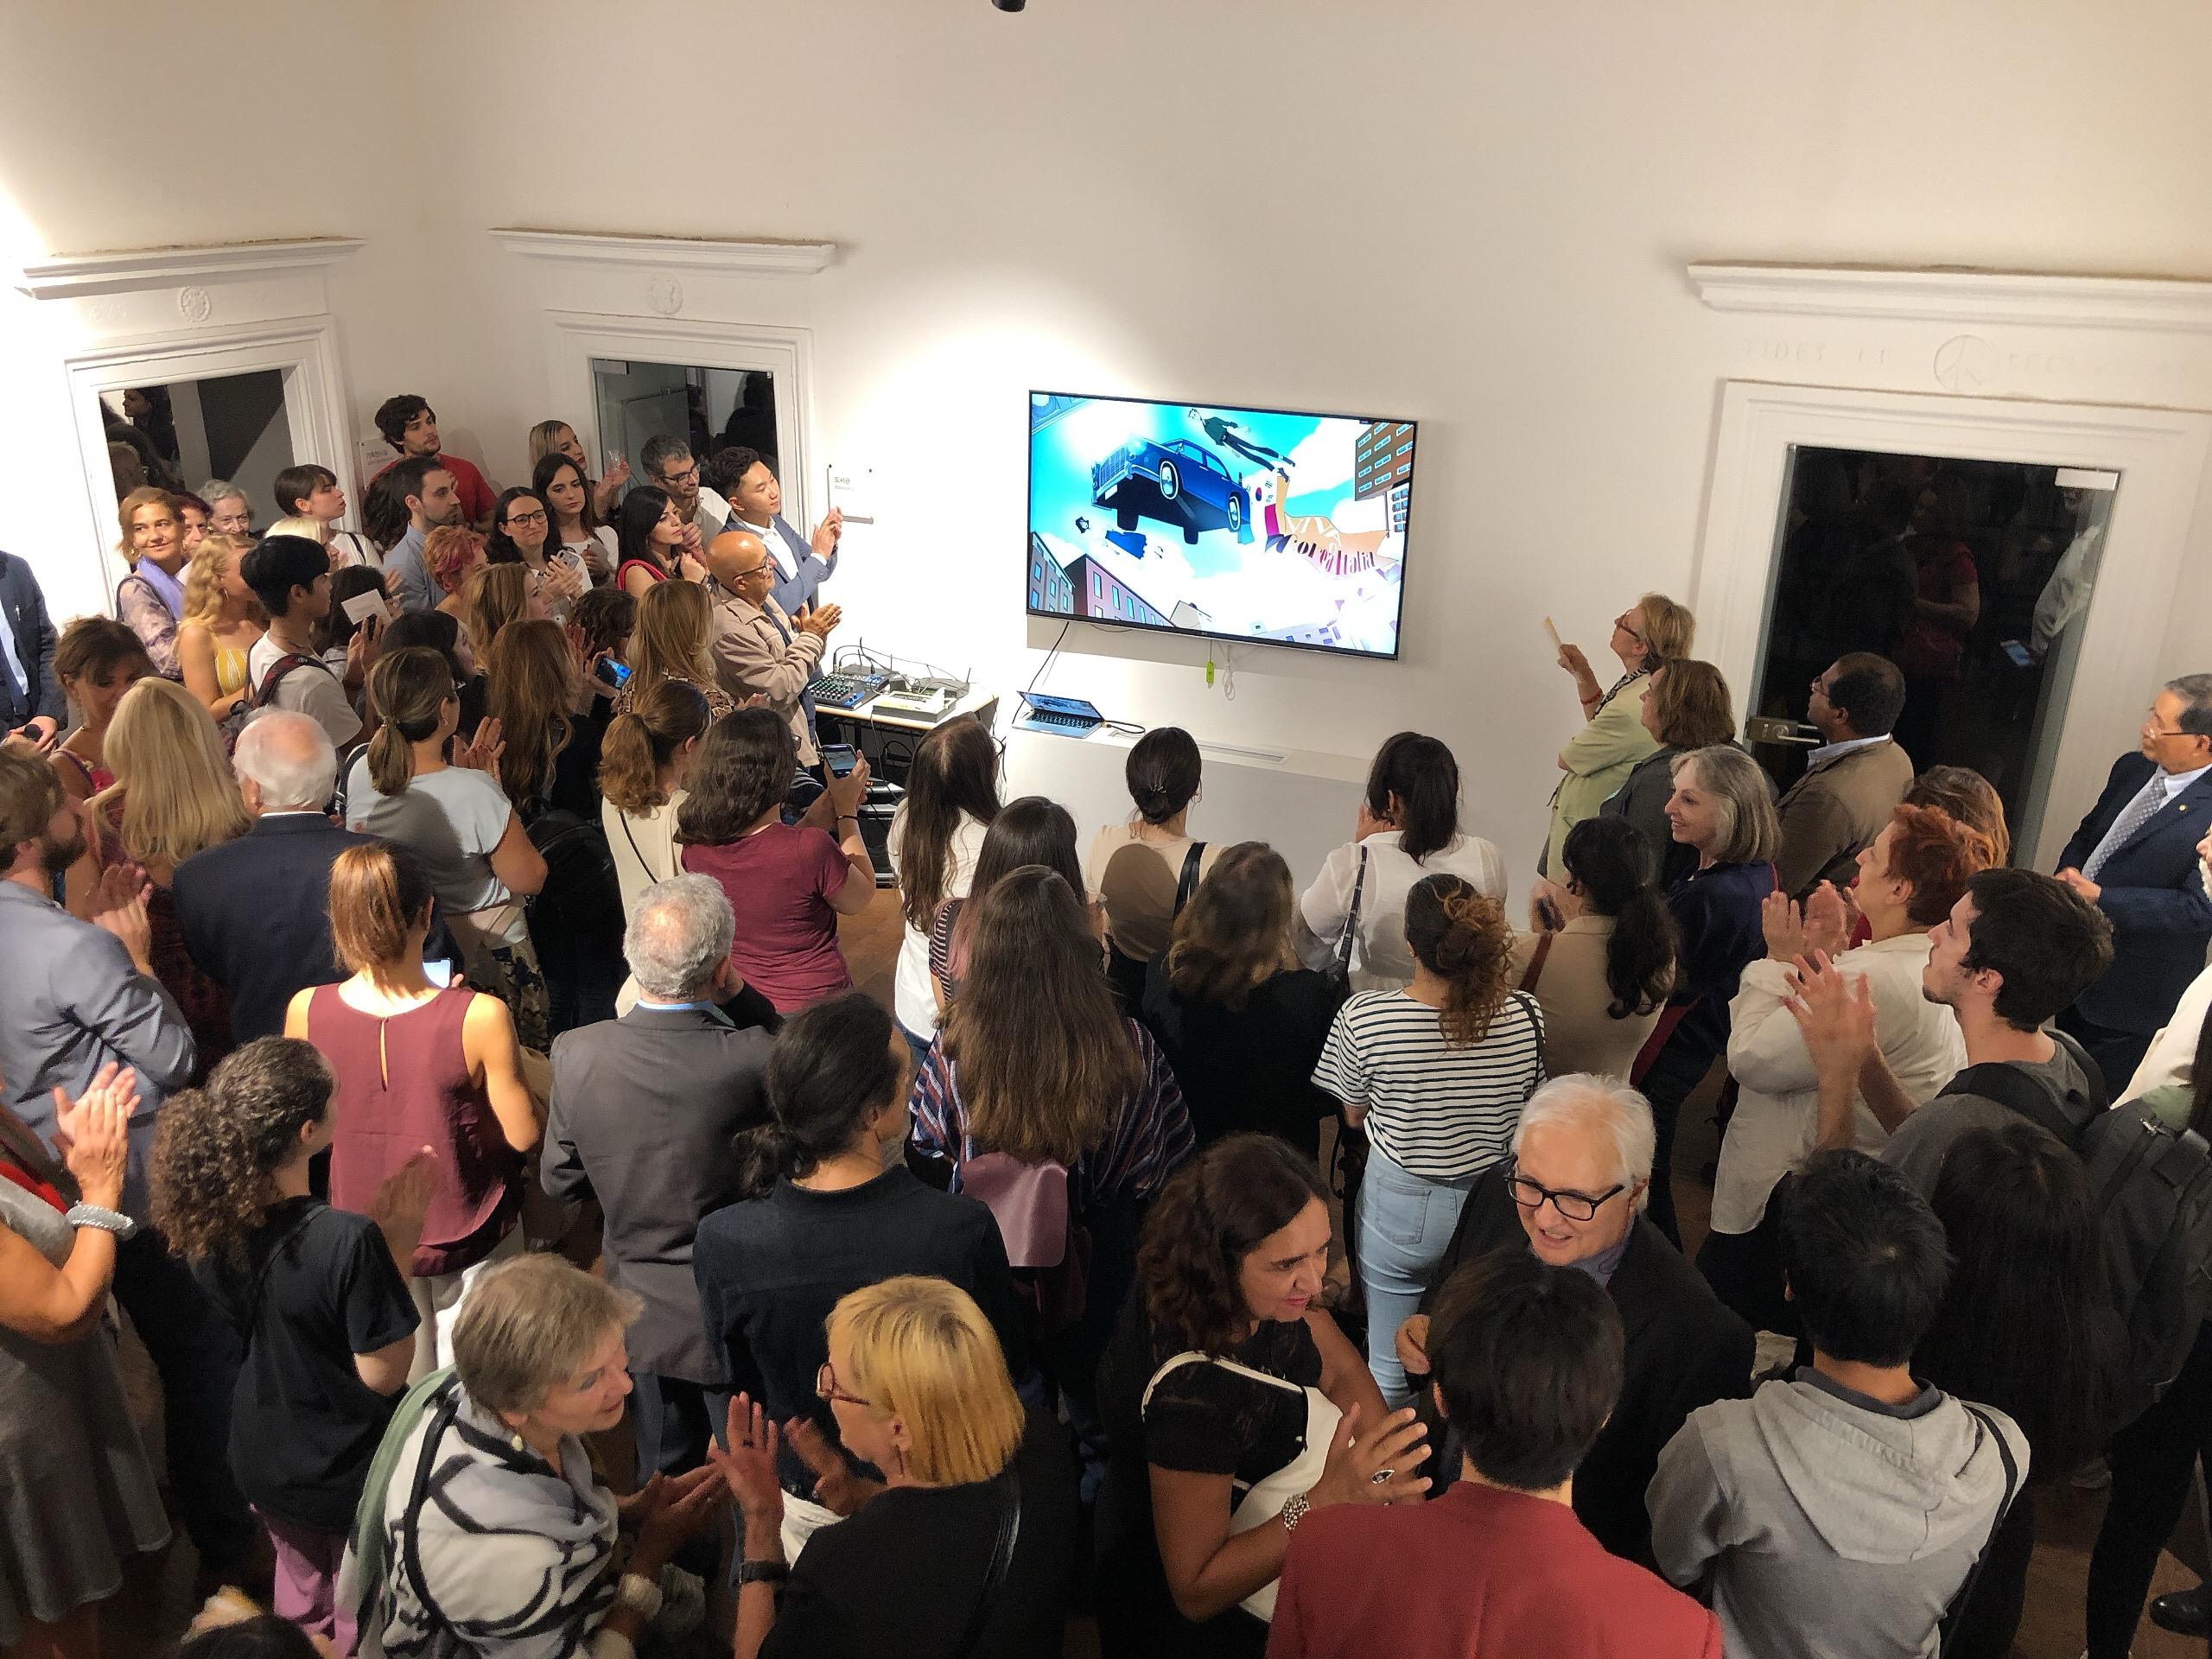 3. 주이탈리아문화원에 오픈한 웹툰 세계에 오신 것을 환영합니다 전시 개막식에서 최용성 작가의 드로잉 영상을 보며 감탄하고 있는 관람객들.jpg